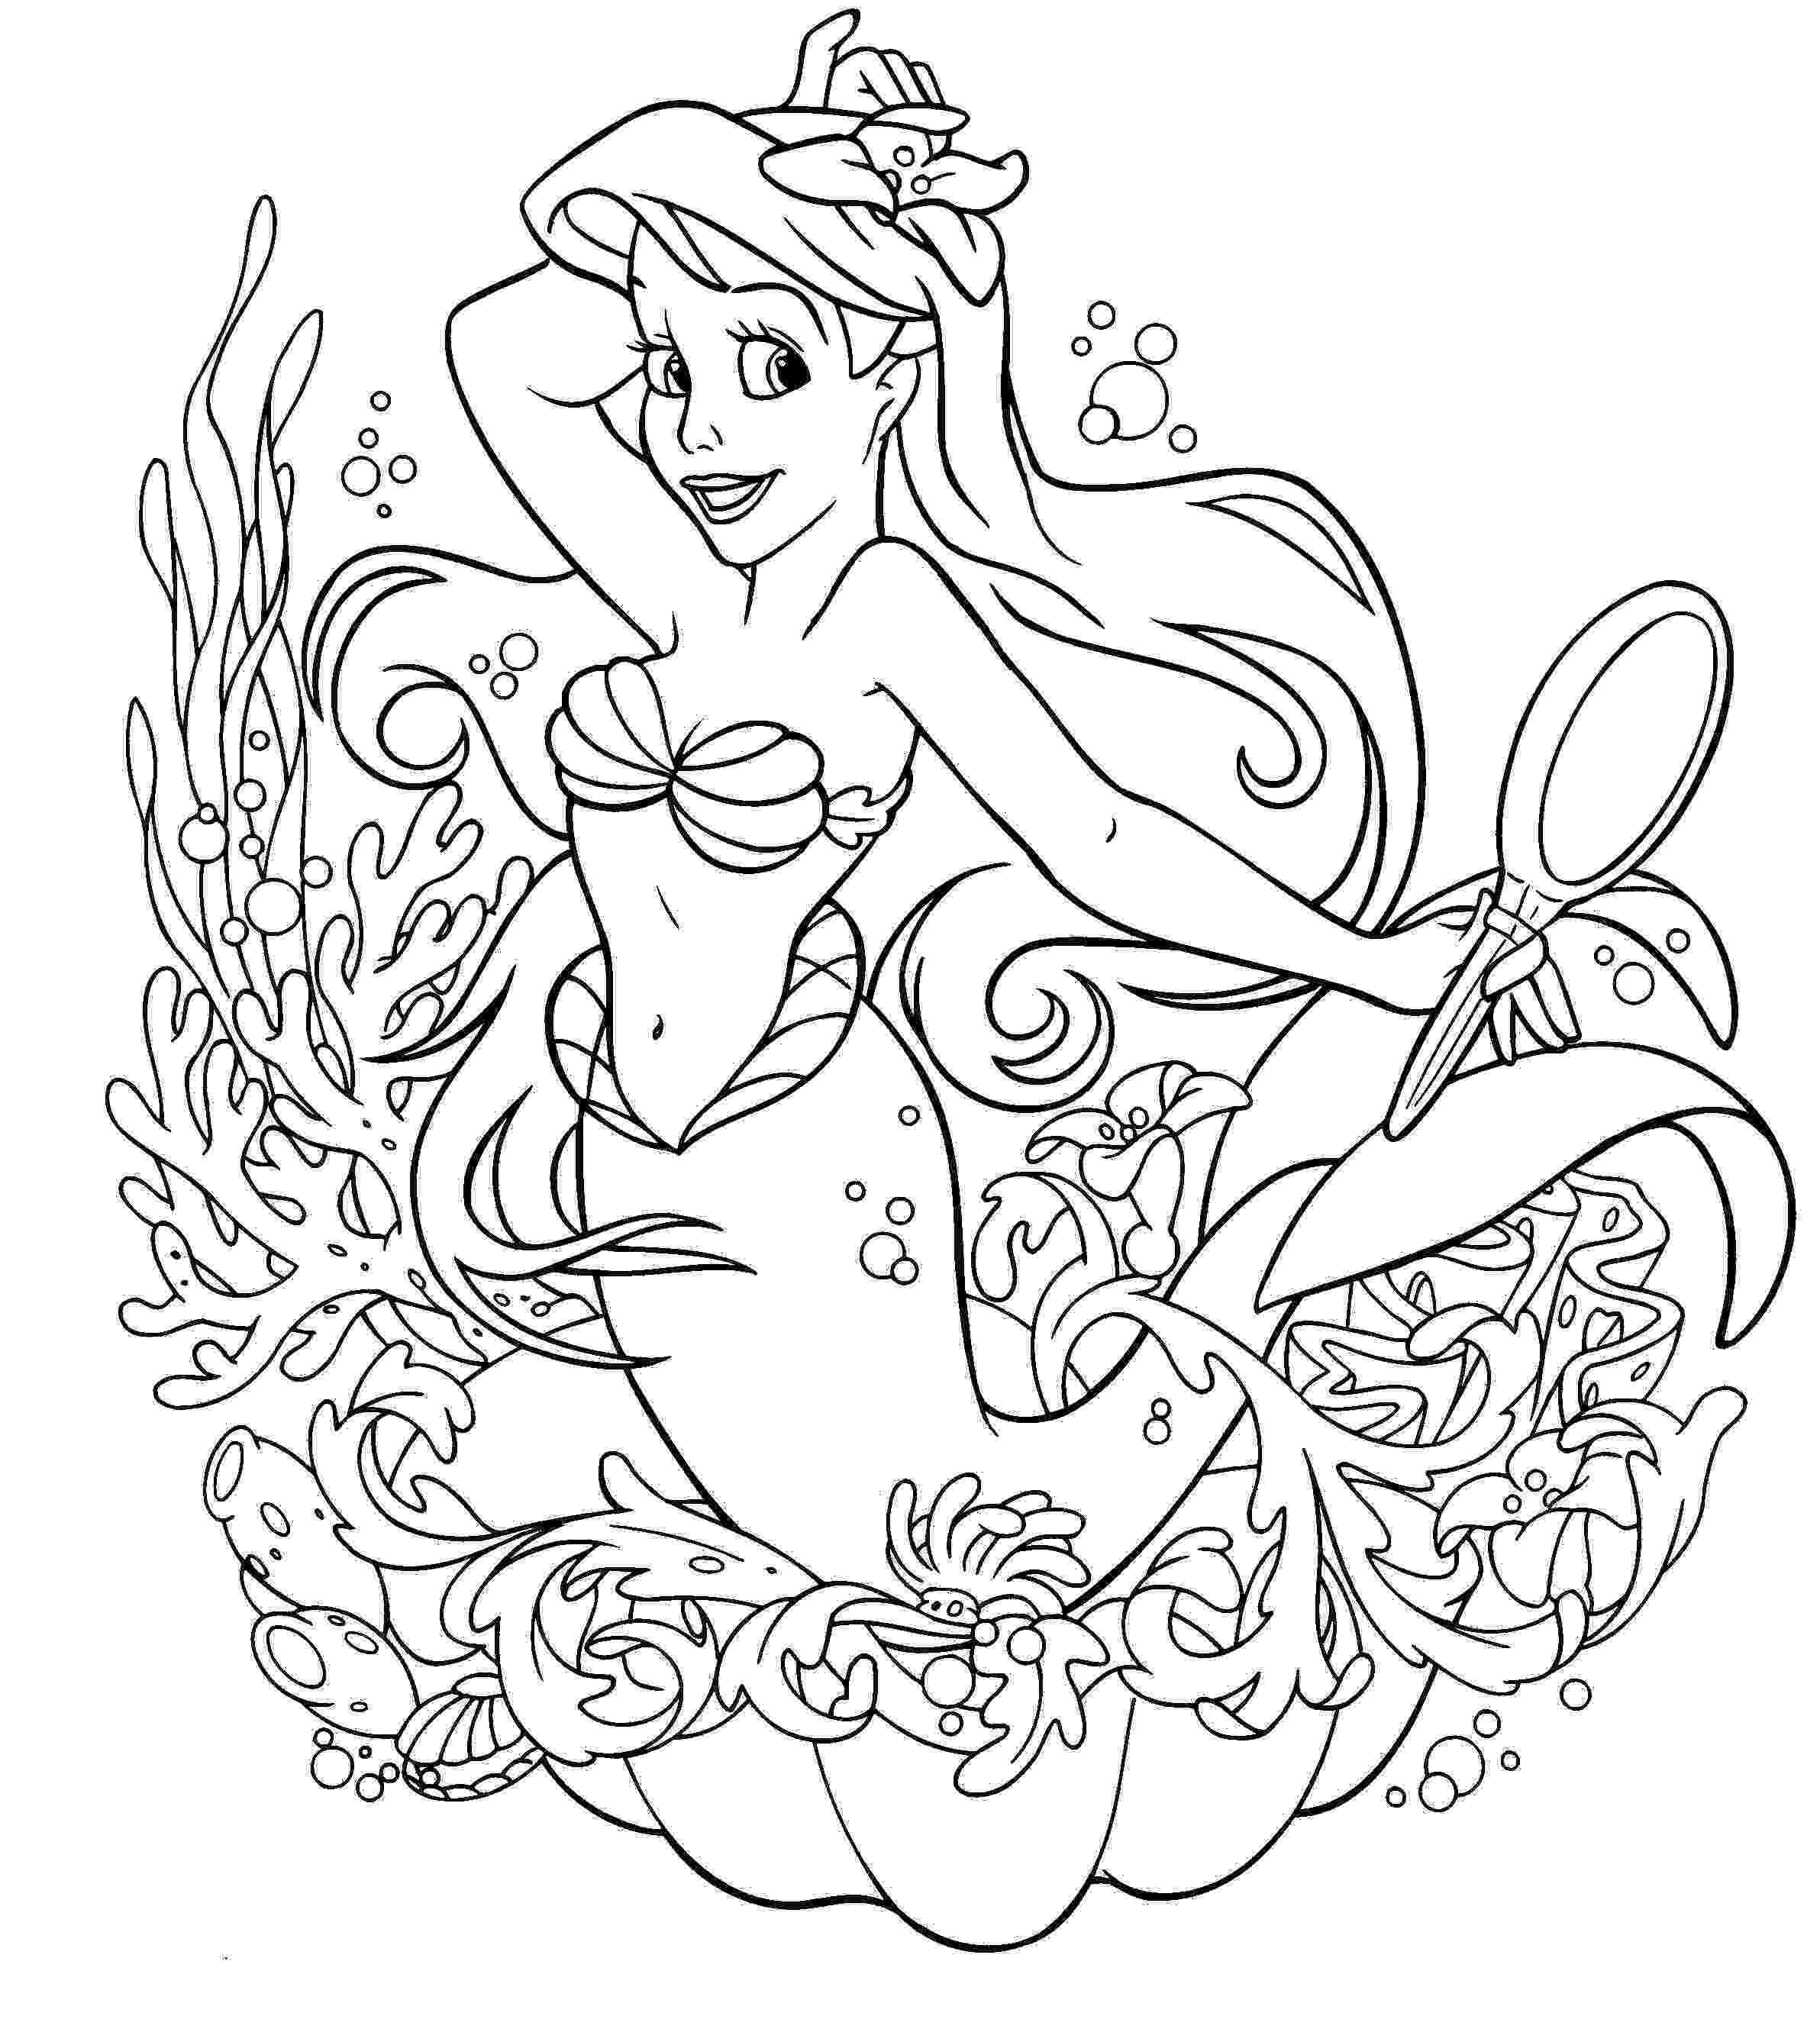 disney coloring book free download disney characters coloring pages free download best free disney coloring book download